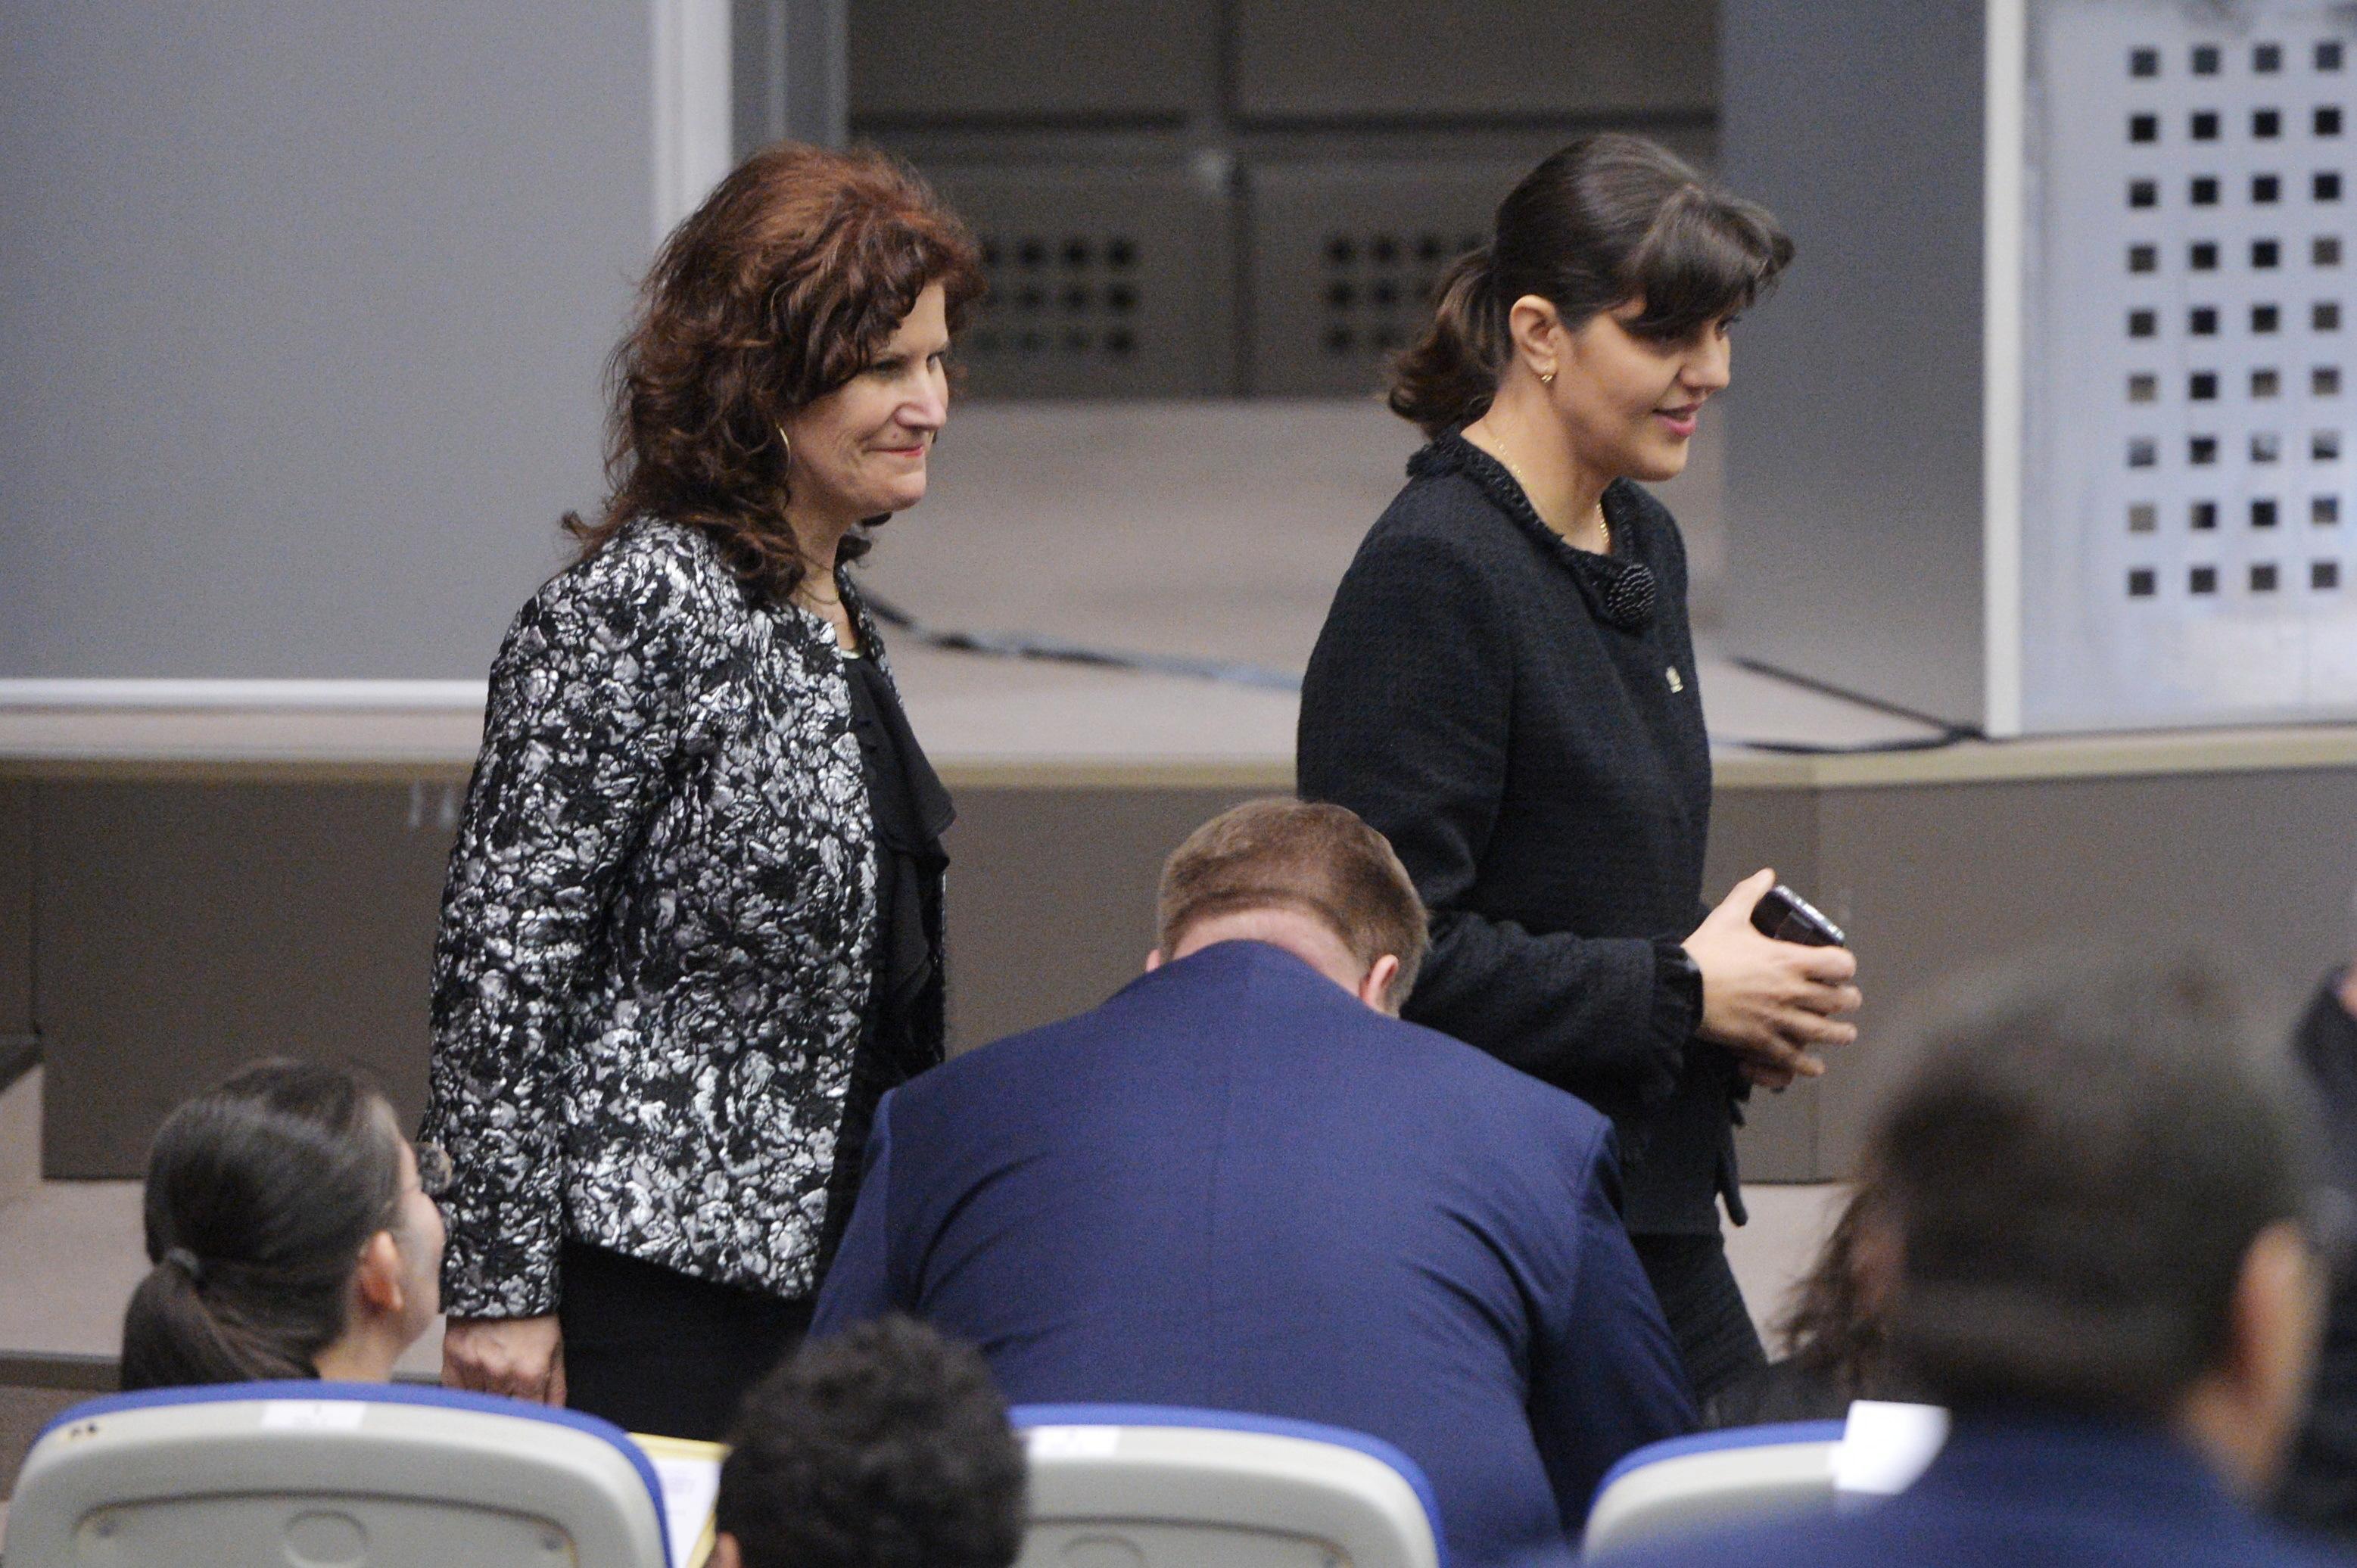 Kovesi: Există o încercare de a creşte autoritatea ministrului Justiţiei. Va afecta independenţa procurorilor/ Orban, achitat în primă instanţă într-un dosar DNA, prezent la dezbateri